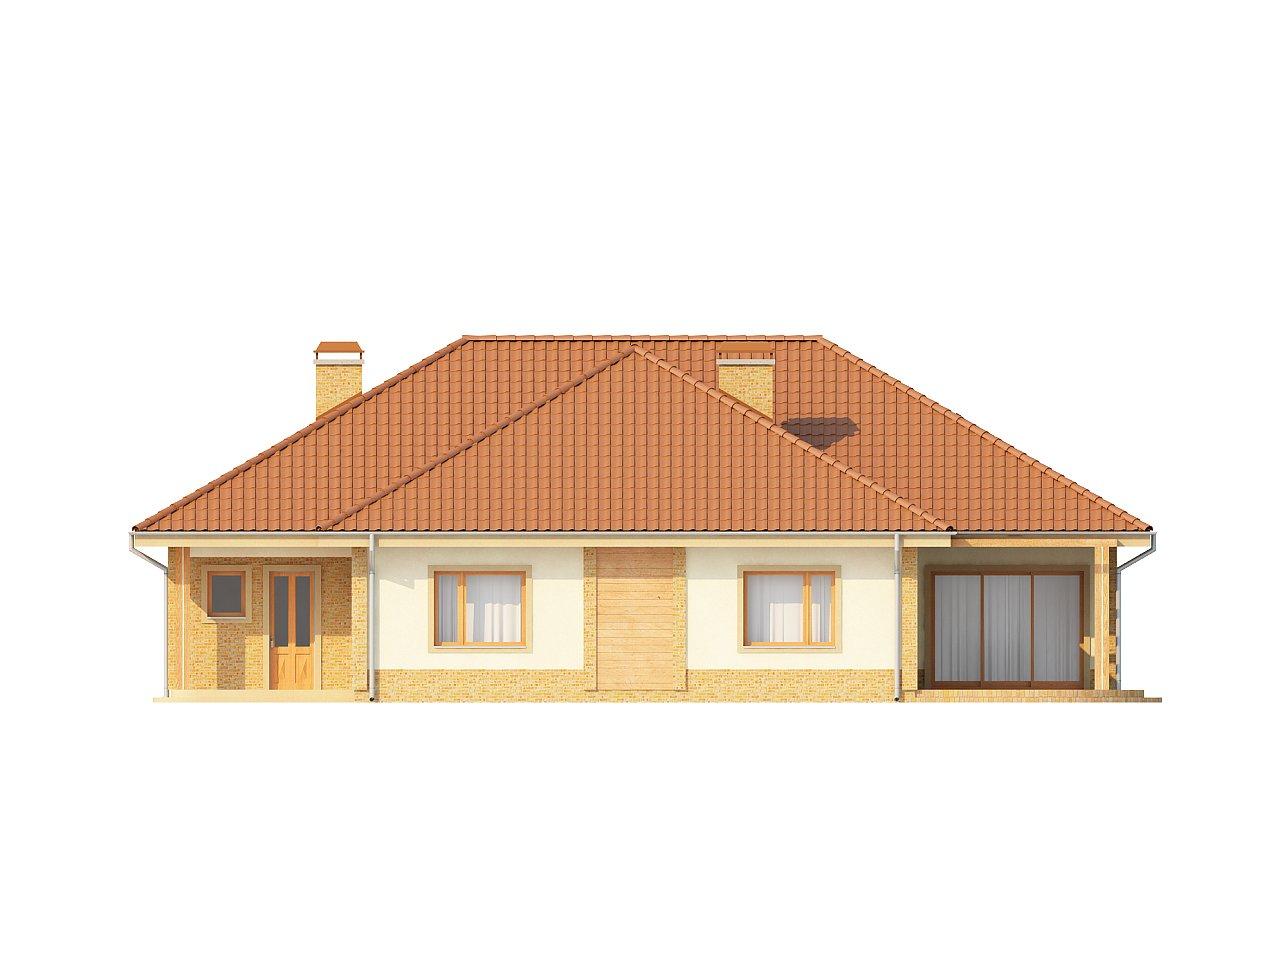 Проект просторного одноэтажного дома с возможностью обустройства мансарды. 4